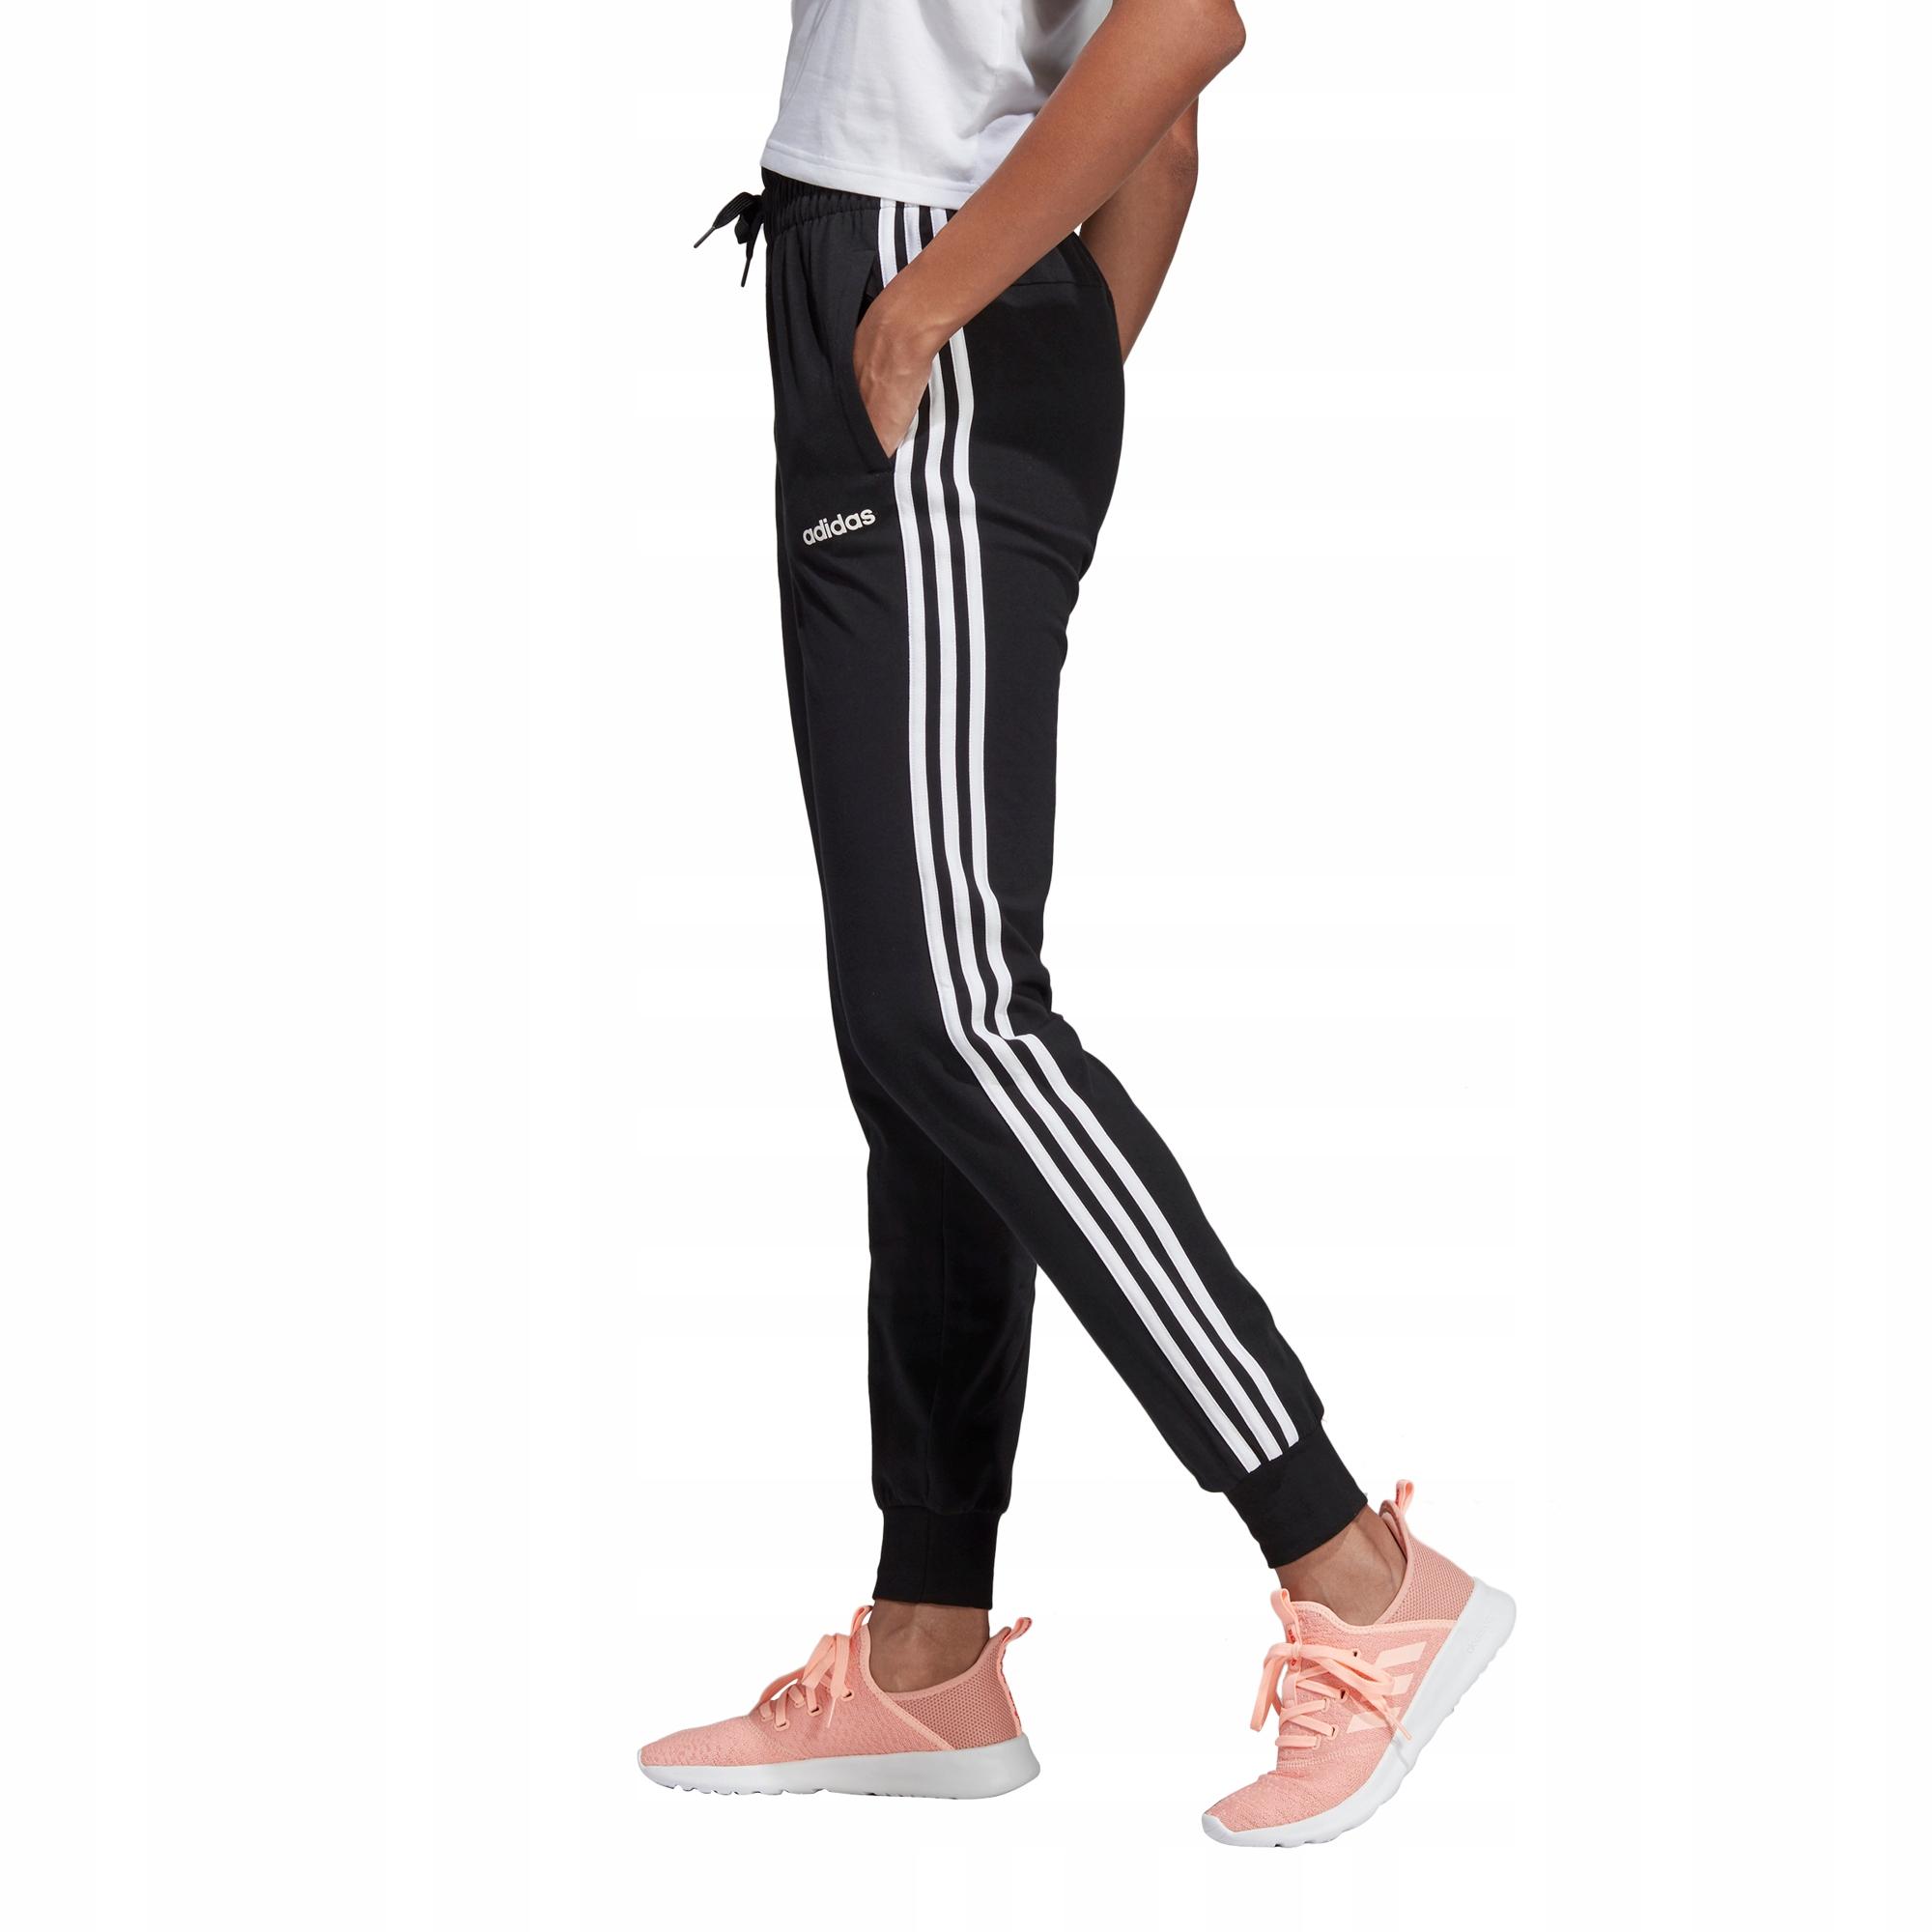 taniej styl mody 2018 buty Spodnie adidas Essentials 3-Stripes DP2377 S - 7842760037 ...